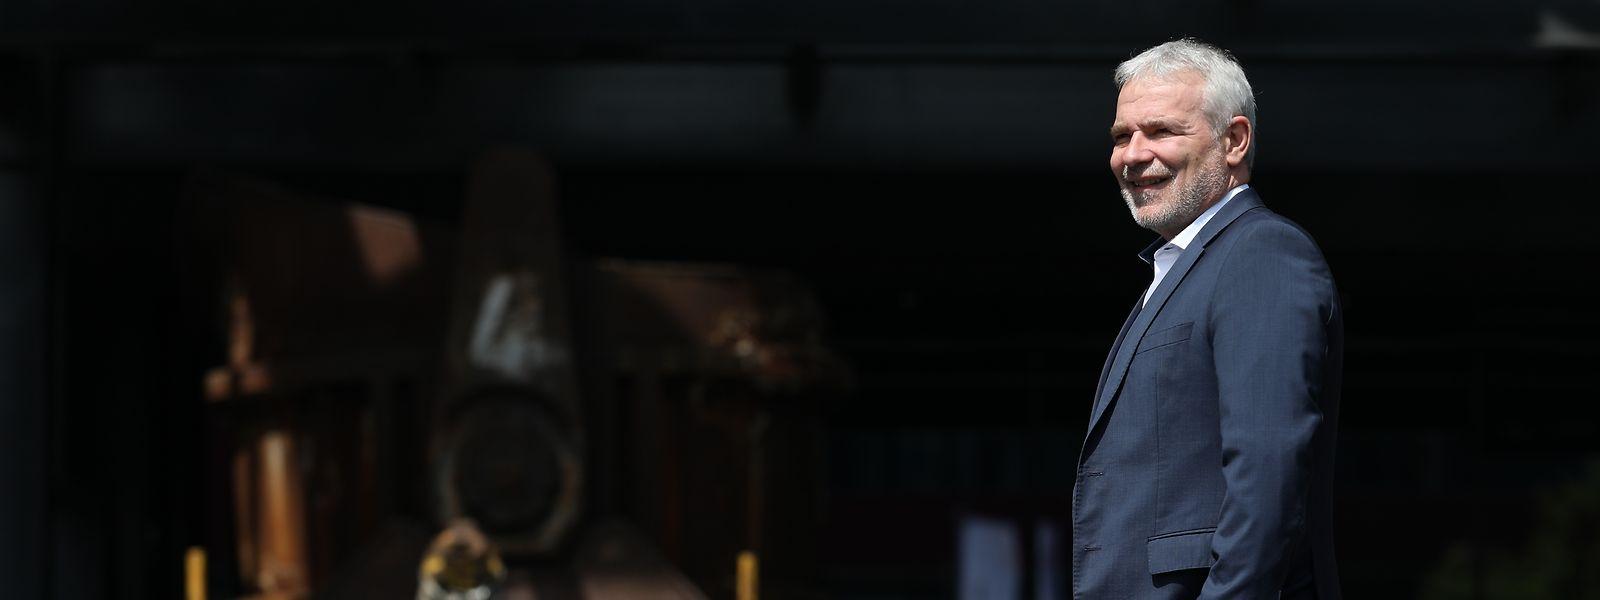 Dan Kersch entend lancer un projet de loi sur le télétravail et la numérisation avant fin 2019.